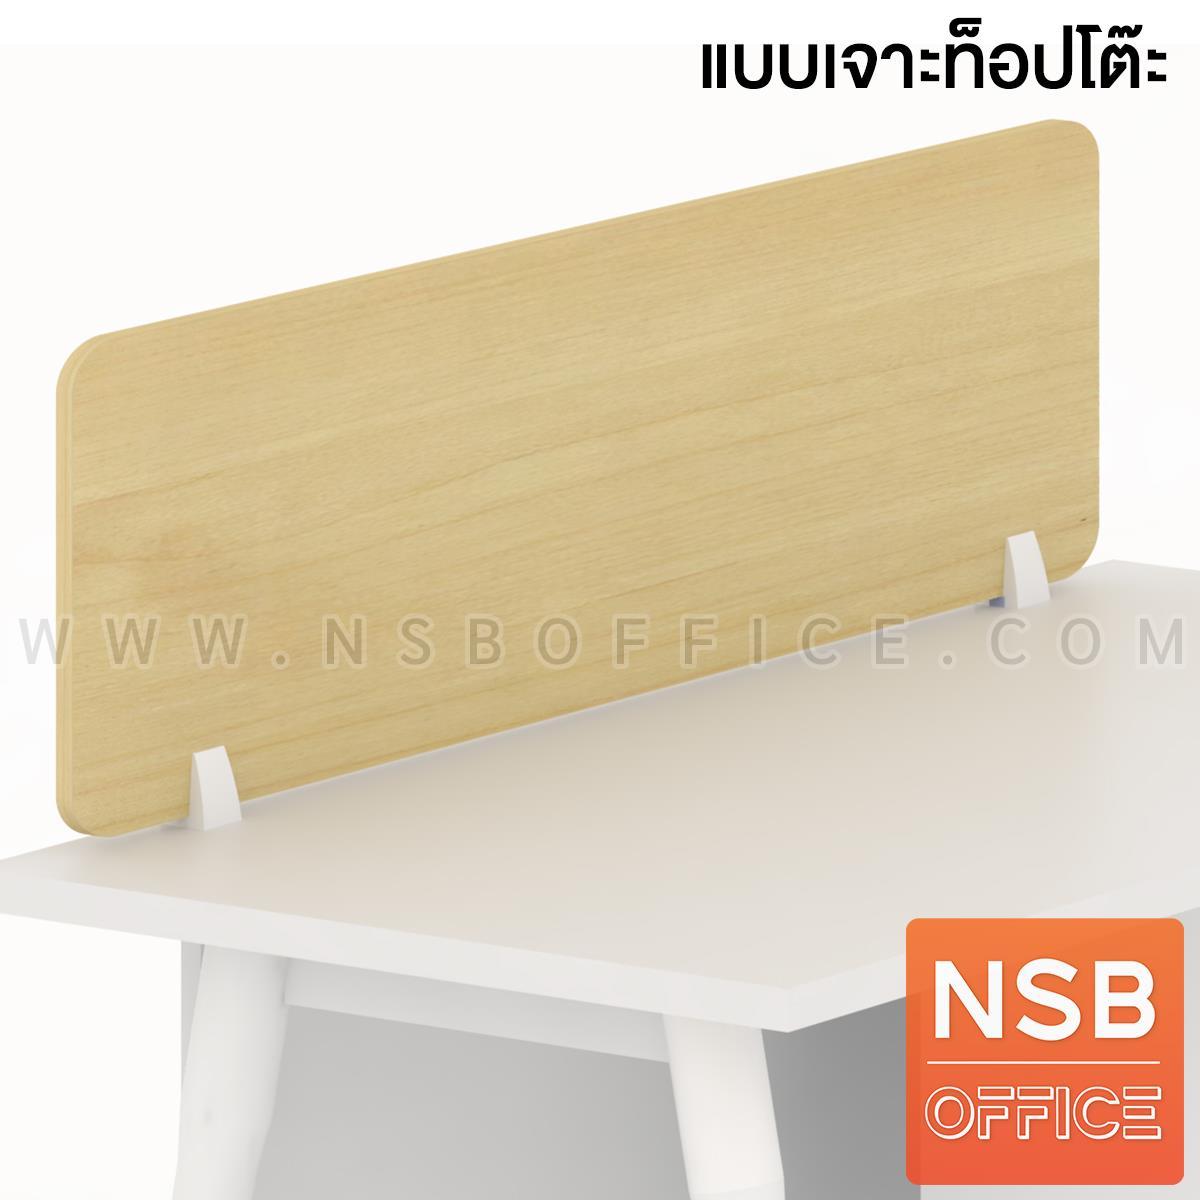 P04A013:มินิสกรีนไม้เมลามีน  พร้อมตัวจับอลูมิเนียม แบบเจาะหน้าโต๊ะ